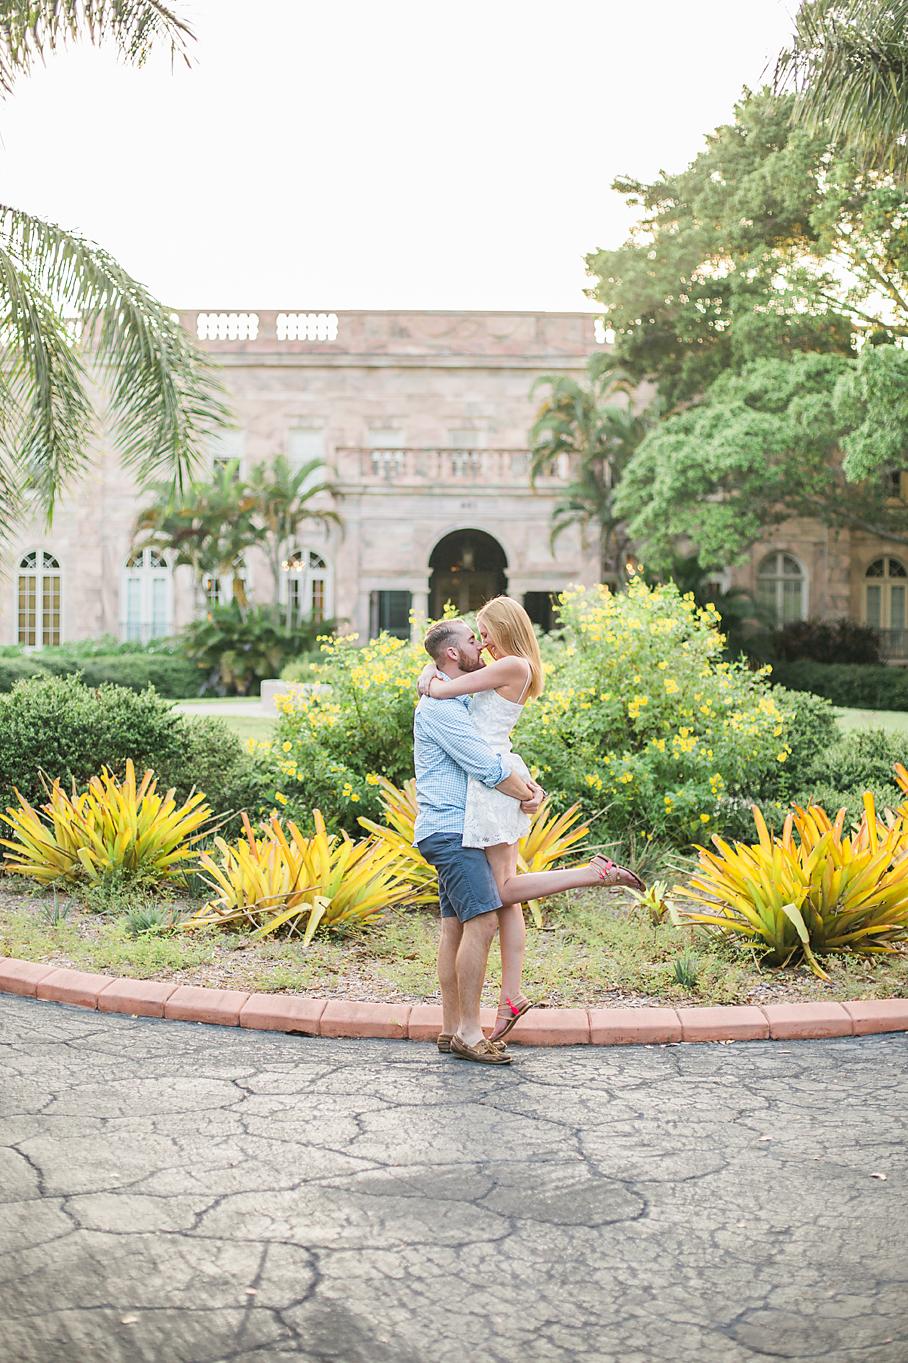 Lindsey +  Matthew - Sarasota Engagement Photographer - Sarasota Wedding Photographer - Emily & Co. Photography (2).jpg